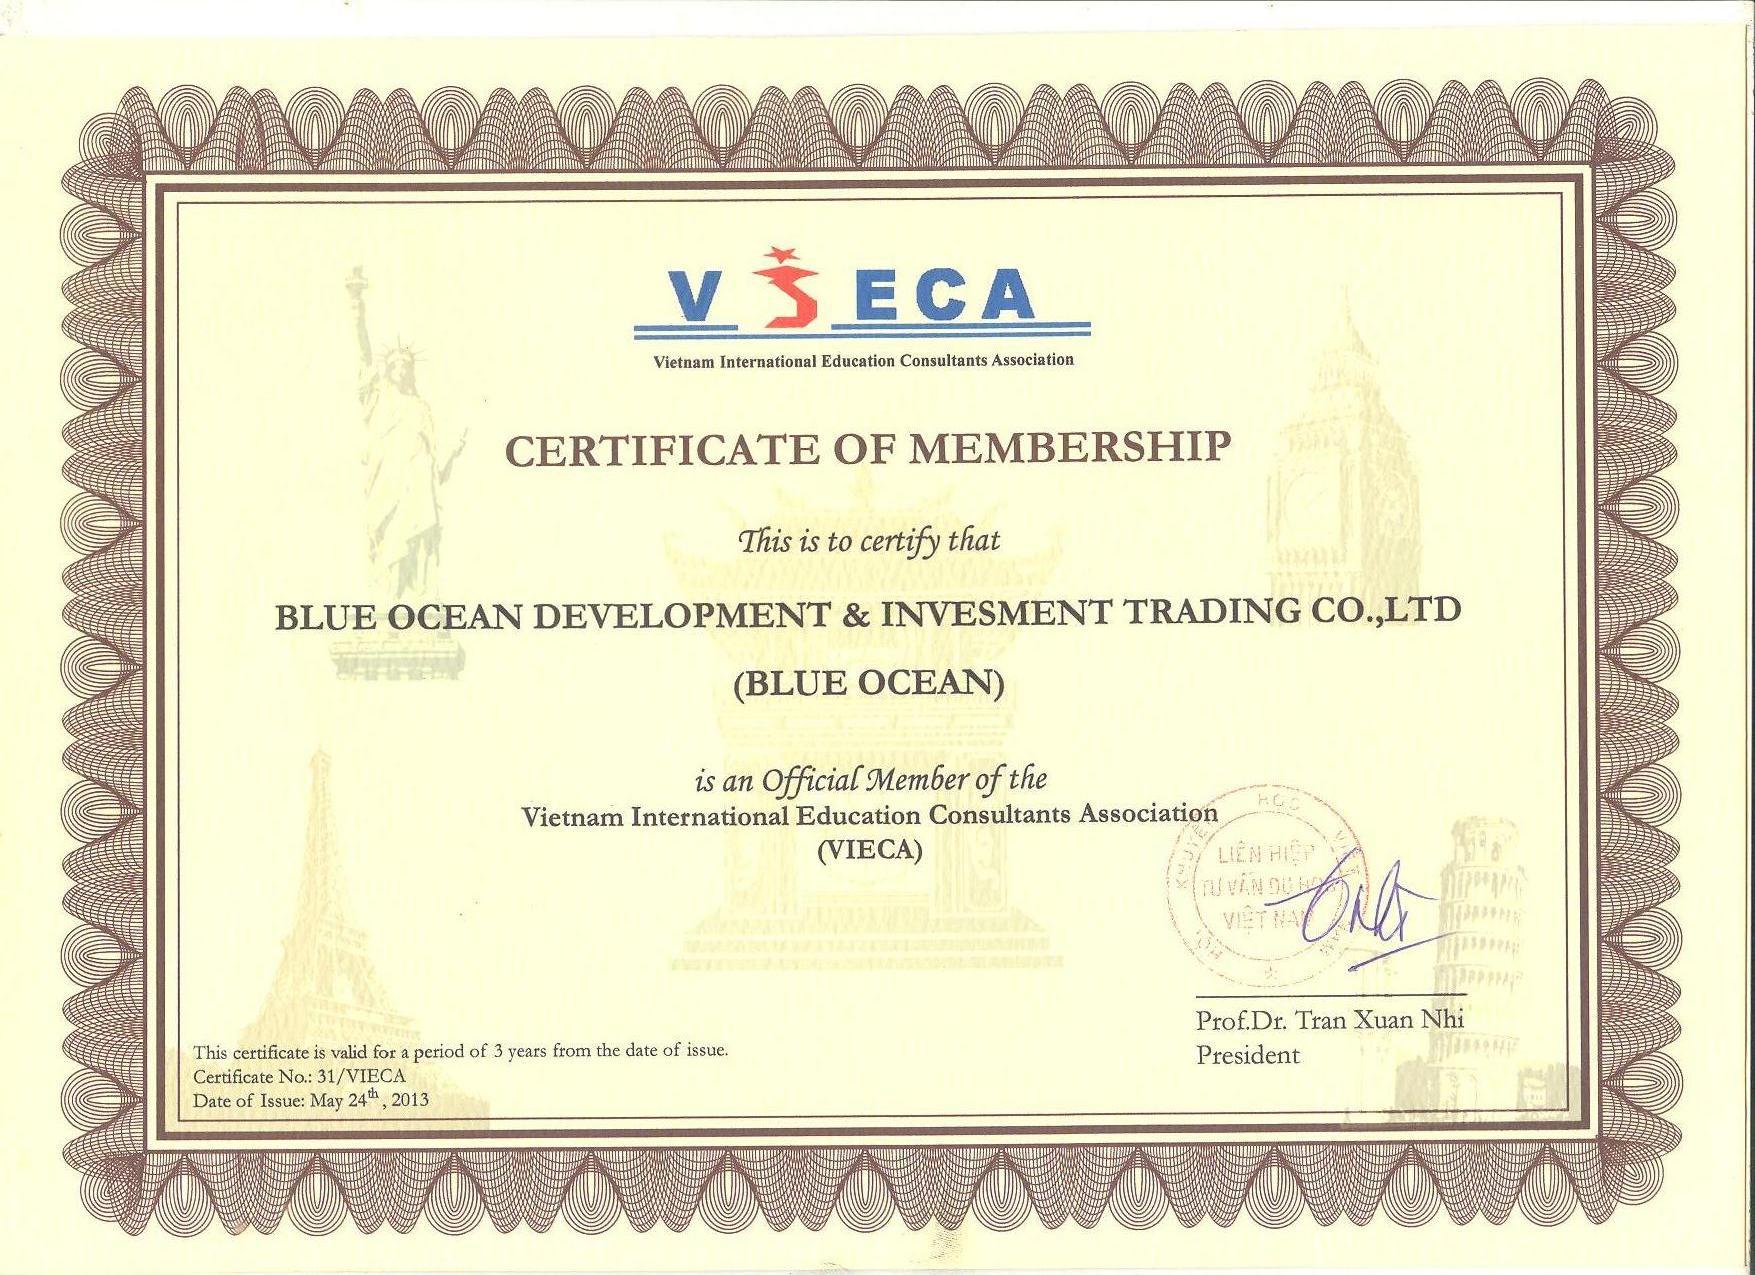 Thành viên chính thức của Liên hiệp Tư vấn du học Việt Nam (VIECA)